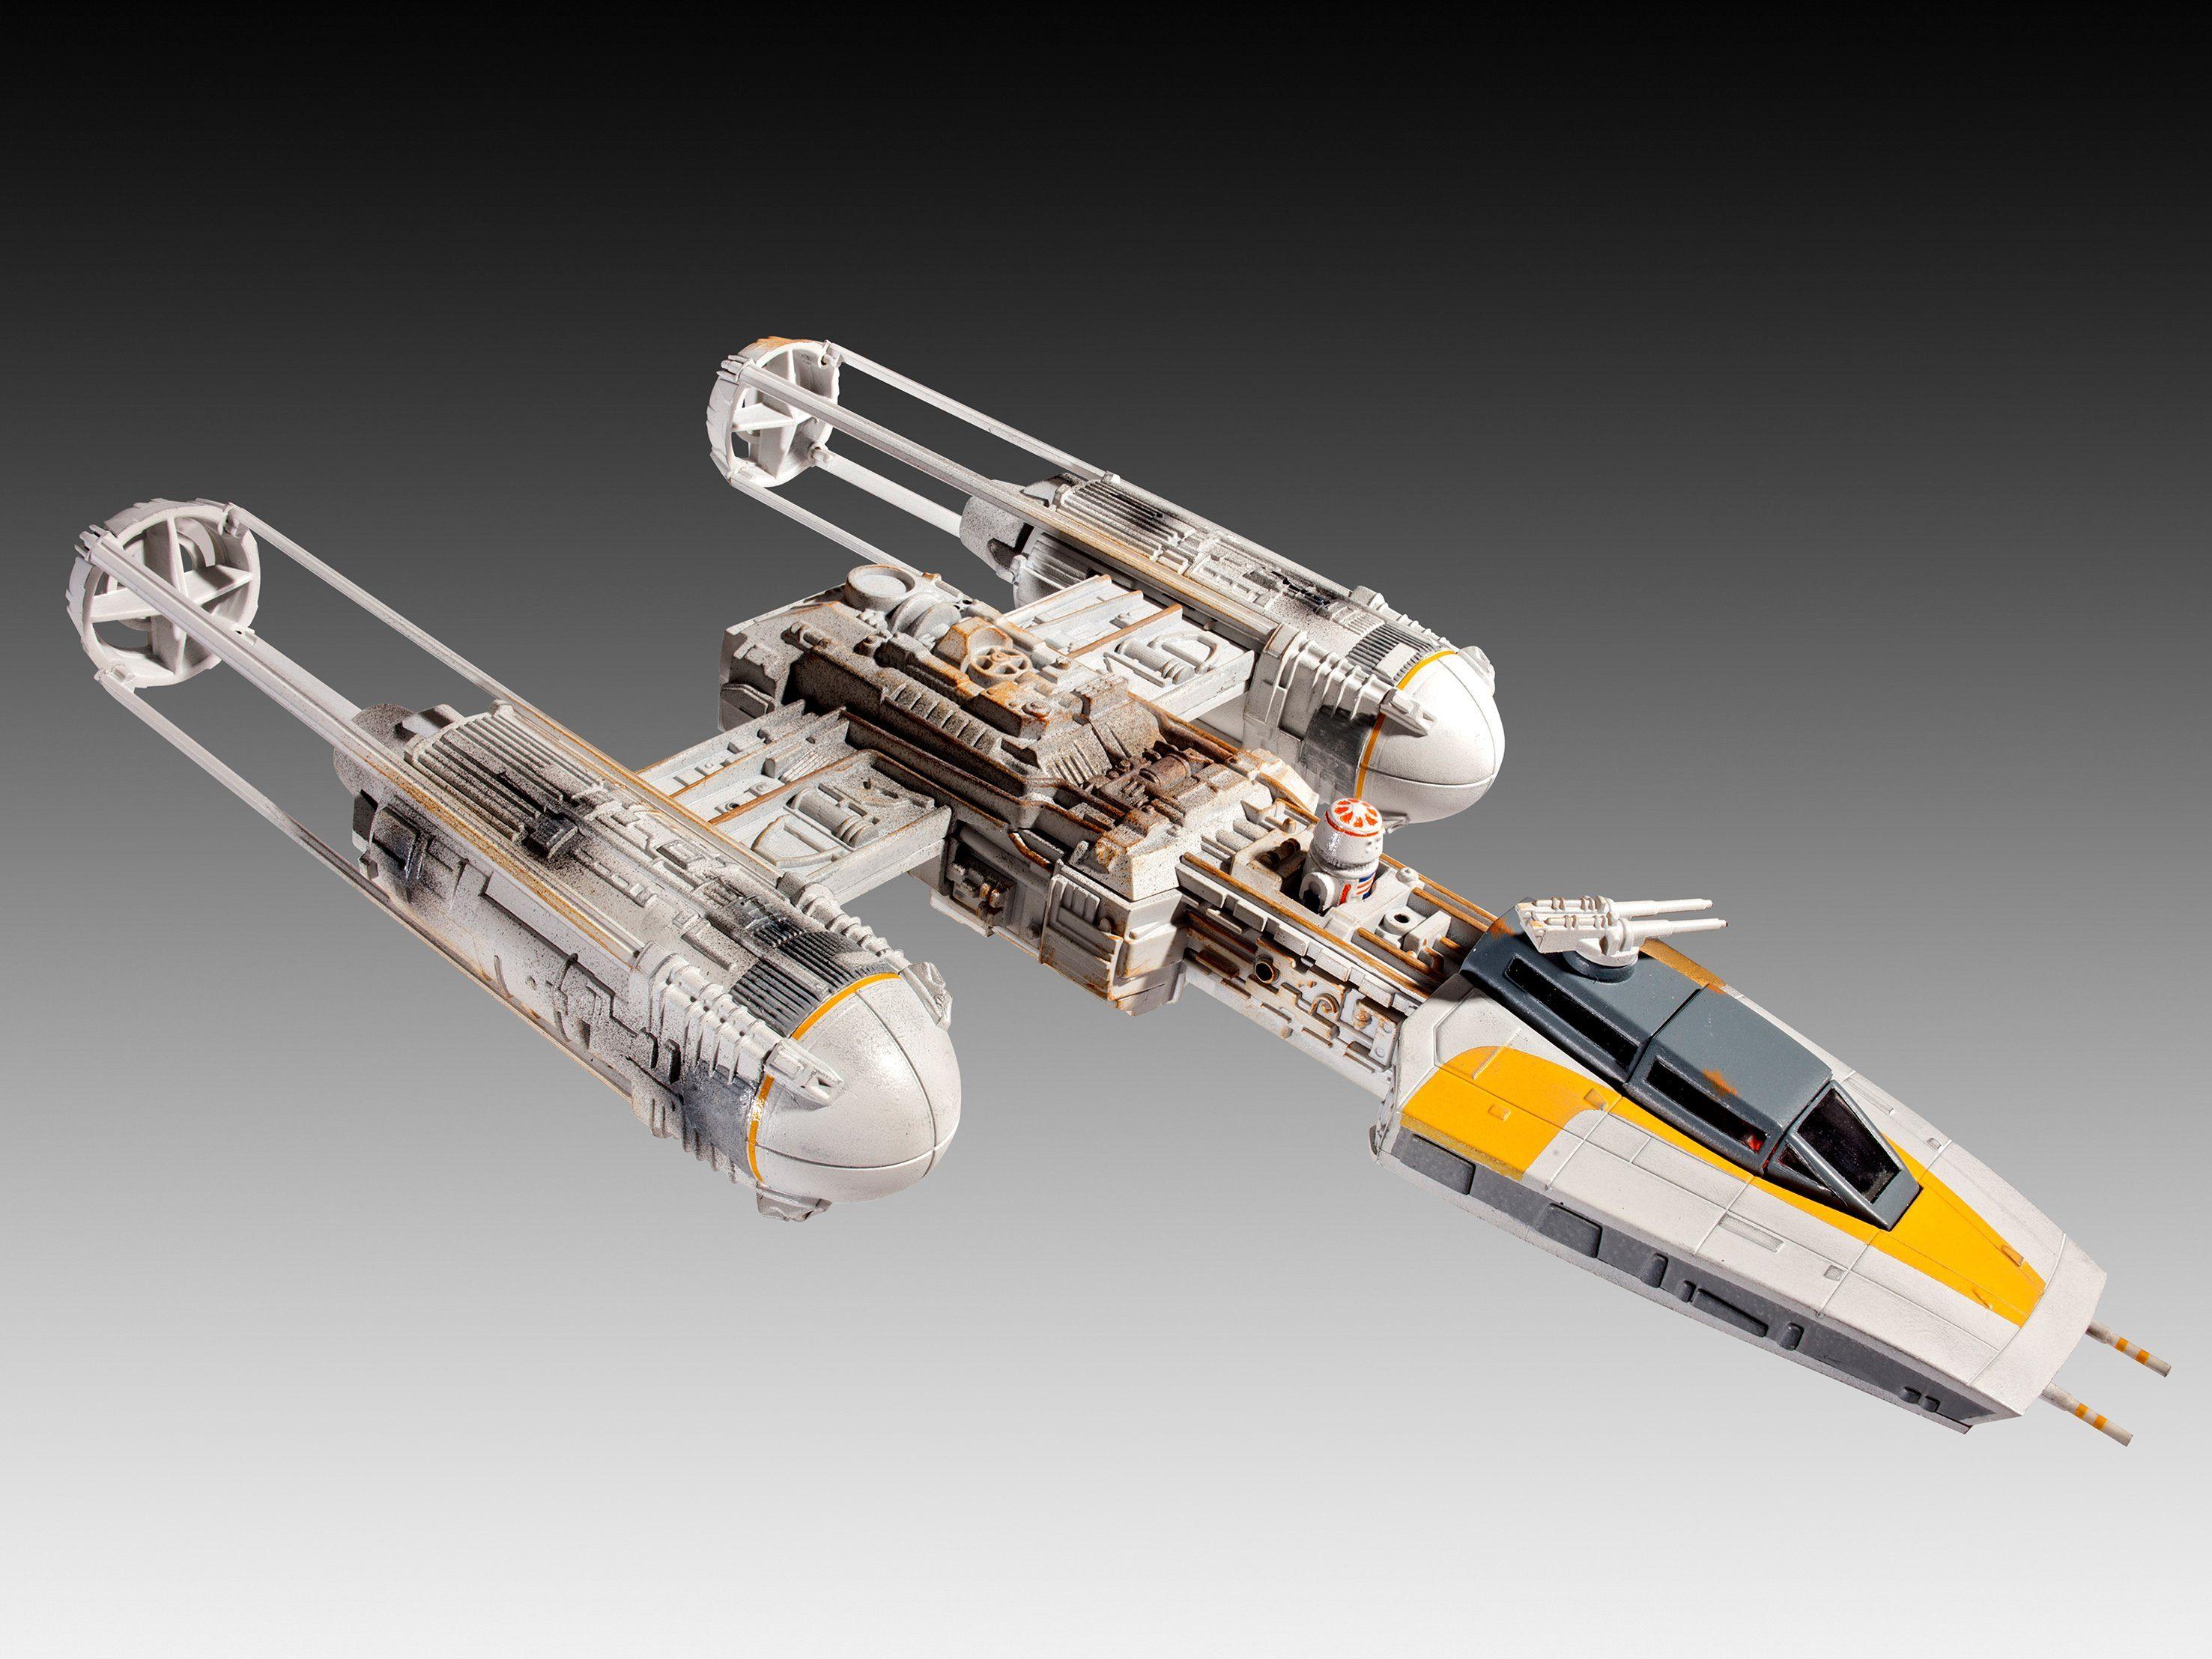 Revell Modellbausatz zum Stecken, »Easykit, Disney Star Wars, Y-Wing Fighter«